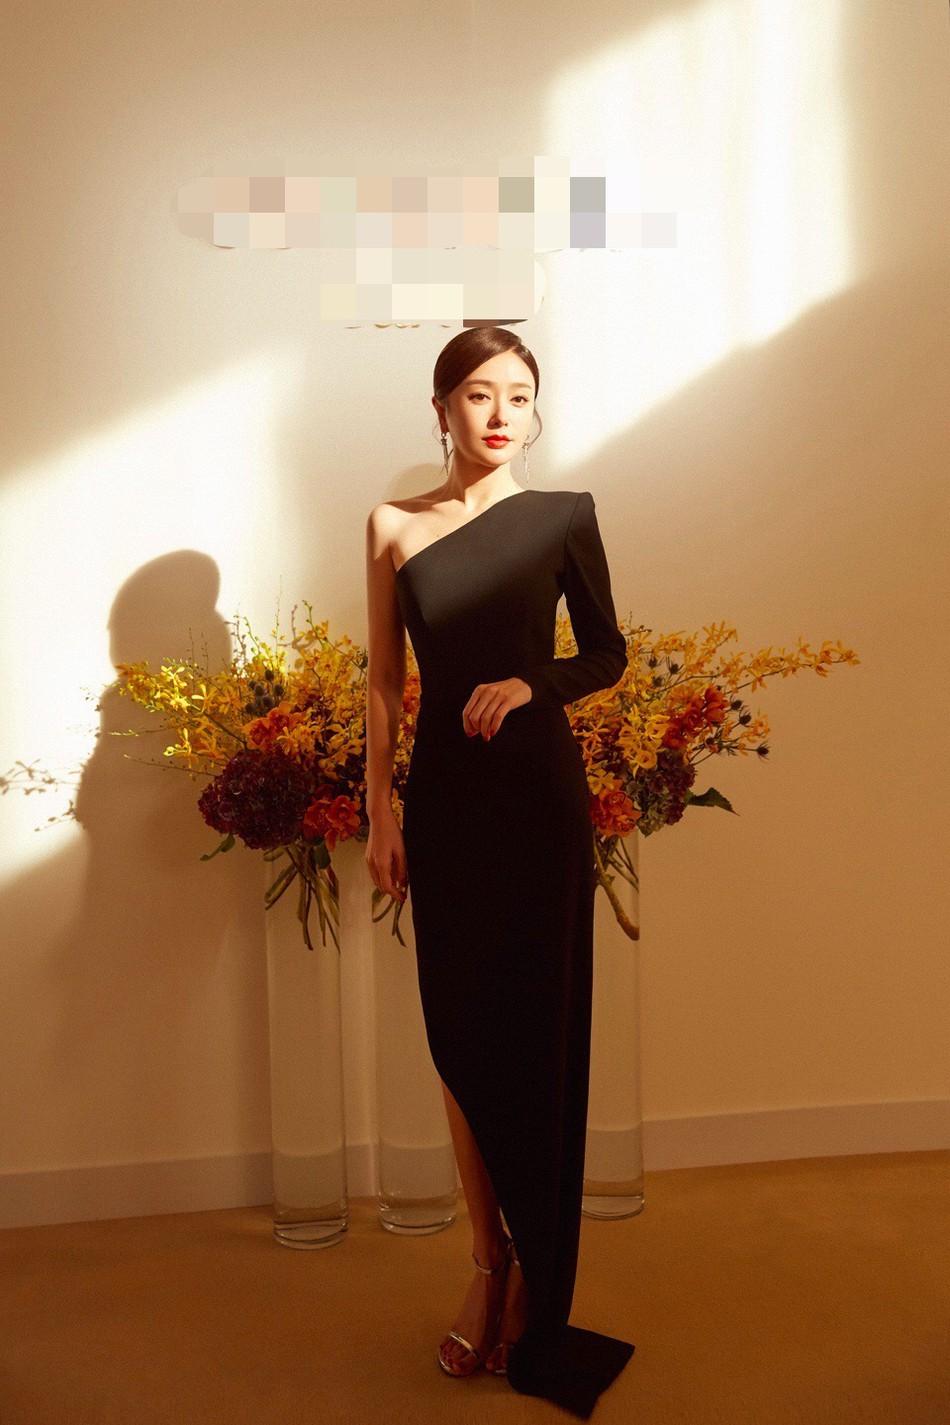 Hoàng Hậu Tần Lam khoe sắc vóc ngọc ngà, vòng 1 e ấp tại thảm đỏ sự kiện Hàn Quốc - Ảnh 7.